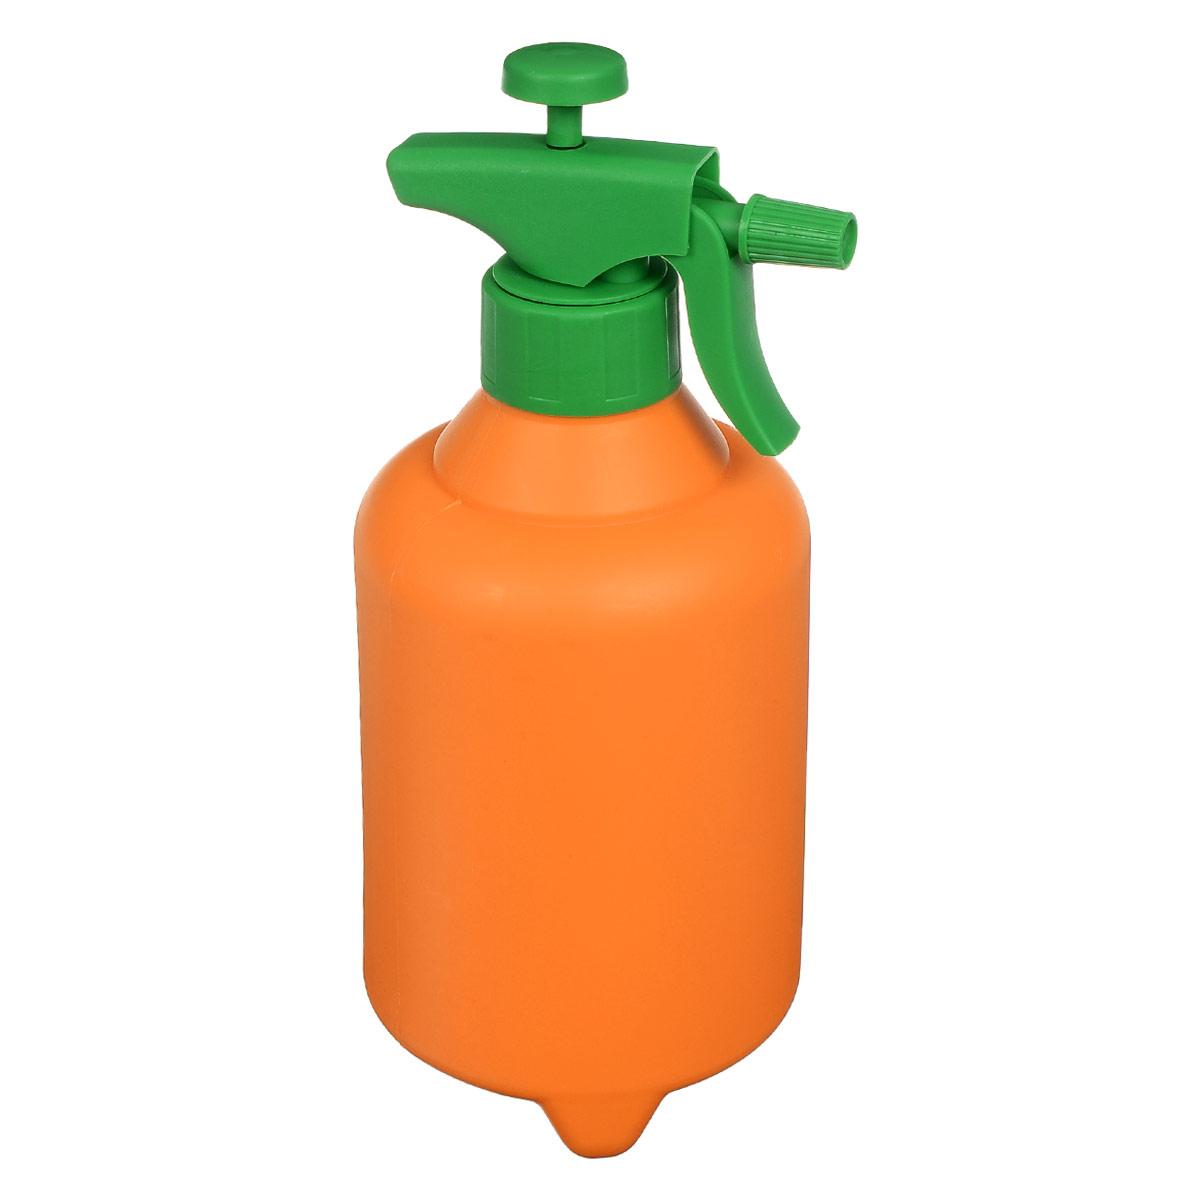 Опрыскиватель помповый Альтернатива, цвет: оранжевый, зеленый, 1,5 лM270 зеленыйПомповый опрыскиватель Альтернатива предназначен не только для опрыскивания растений жидкими удобрениями, но и для побелки известью деревьев. Опрыскиватель легок в использовании. При нажатии на специальный рычаг раствор распыляется. Такой опрыскиватель станет незаменимым помощником на вашем садовом участке. Объем: 1,5 л.